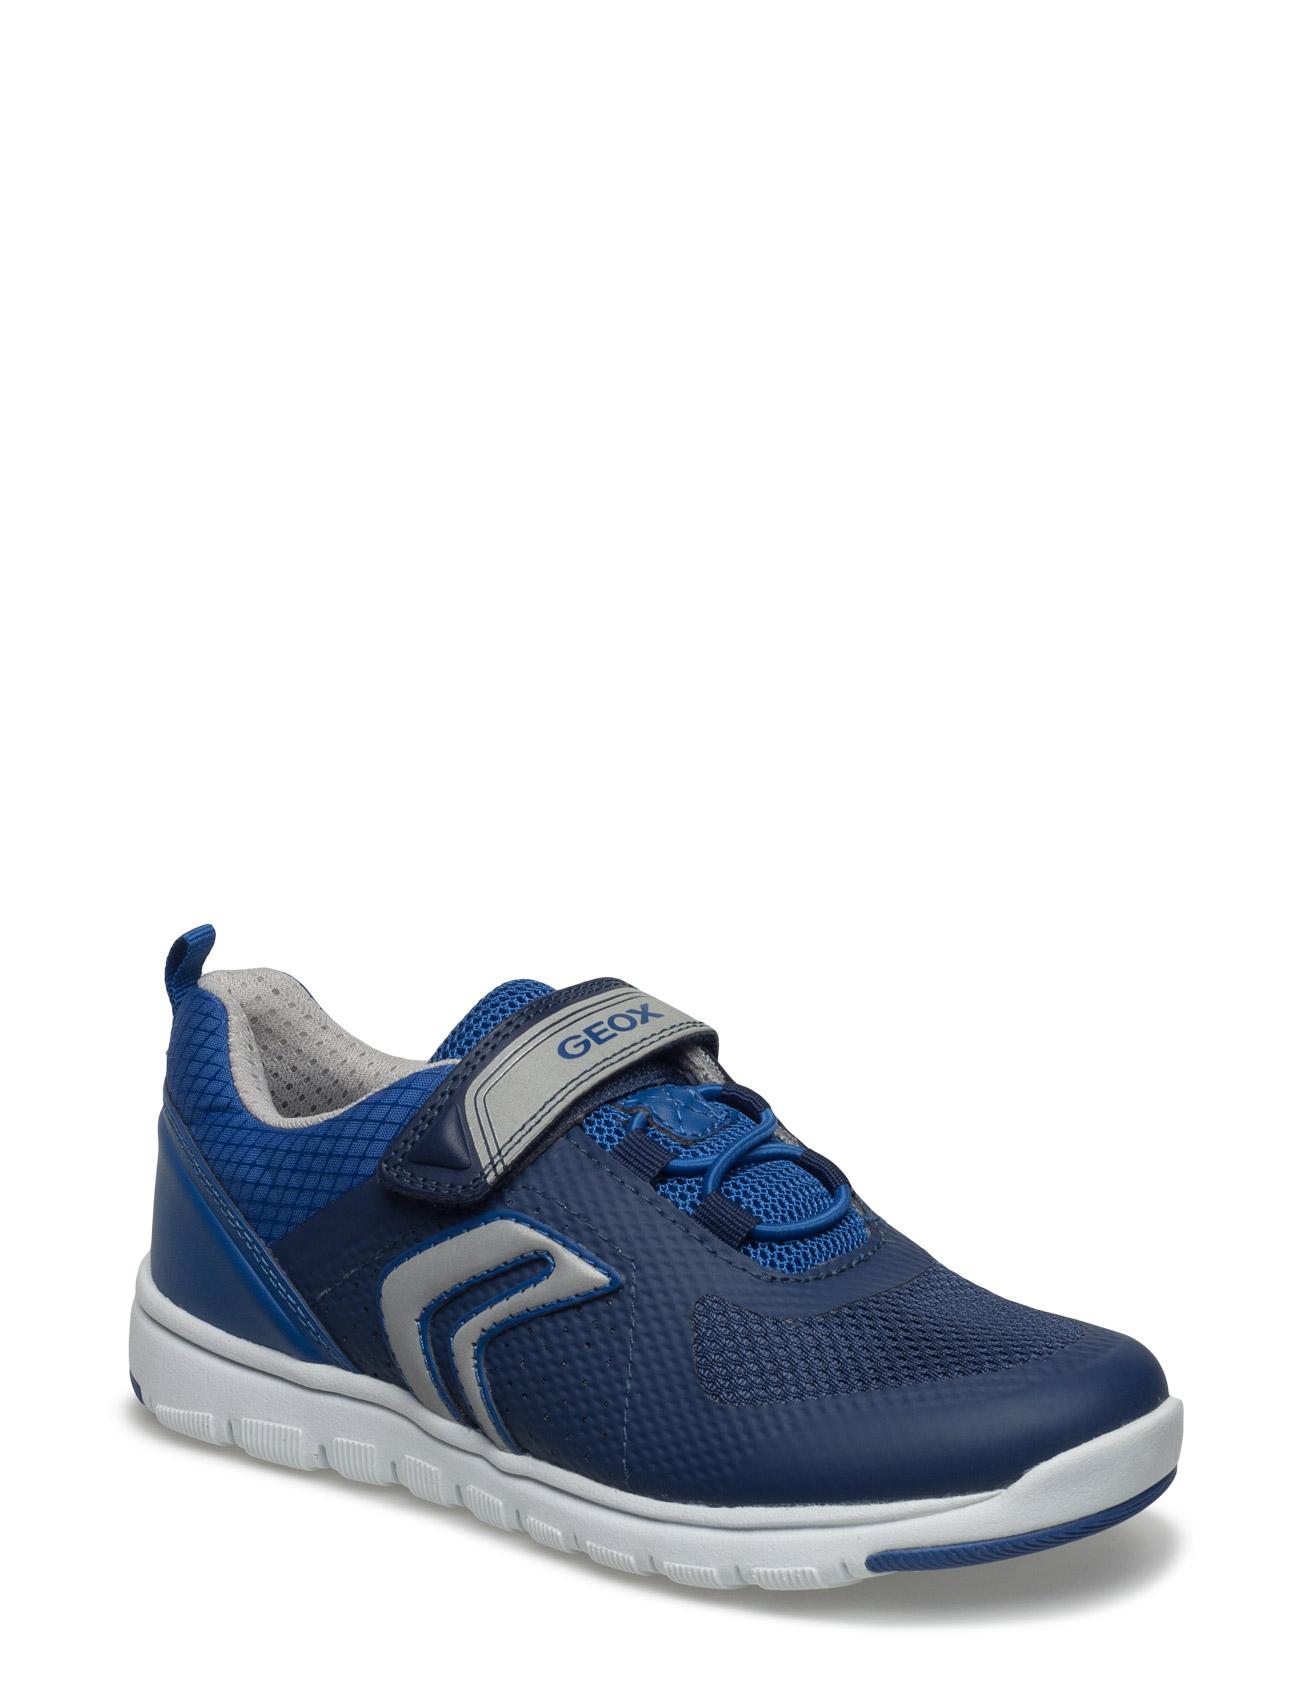 Tuffa J Xunday Boy GEOX Skor   Sneakers till Barn för vardag och ... 72368ed3089b2